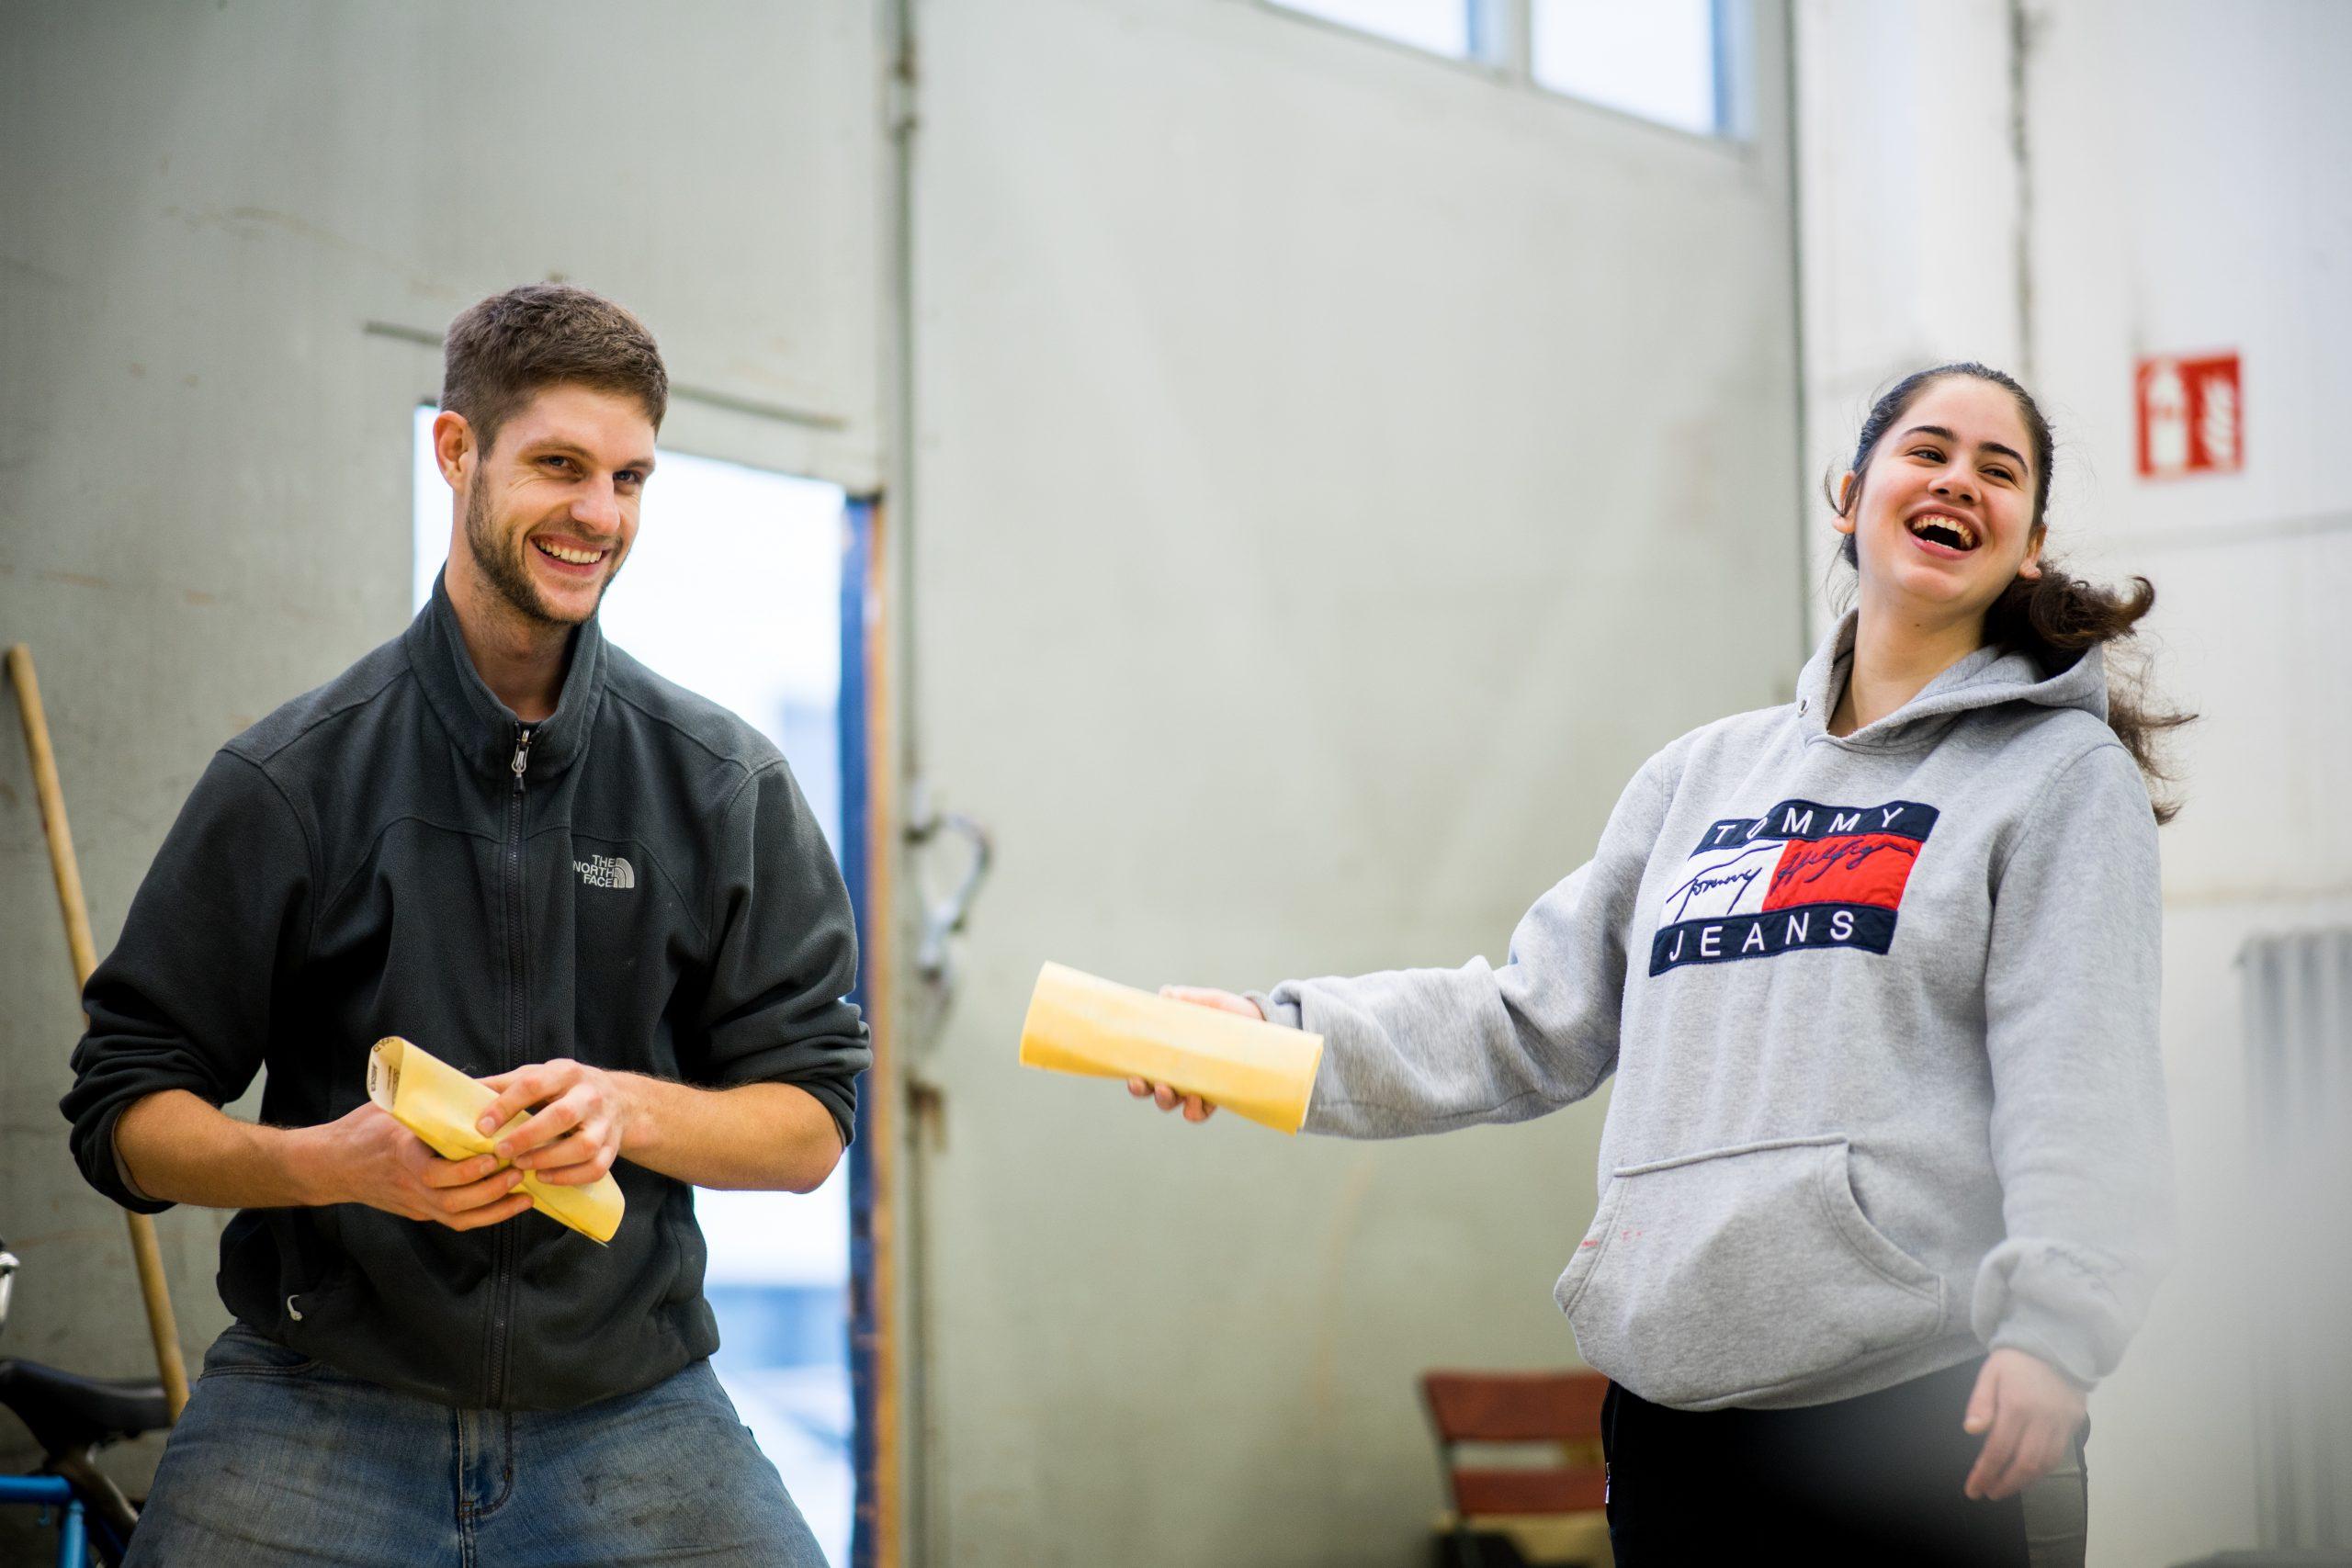 Ein junger Mann und eine junge Frau stehen lachend in einer Halle. Die beiden halten Schleifpapier in der Hand.